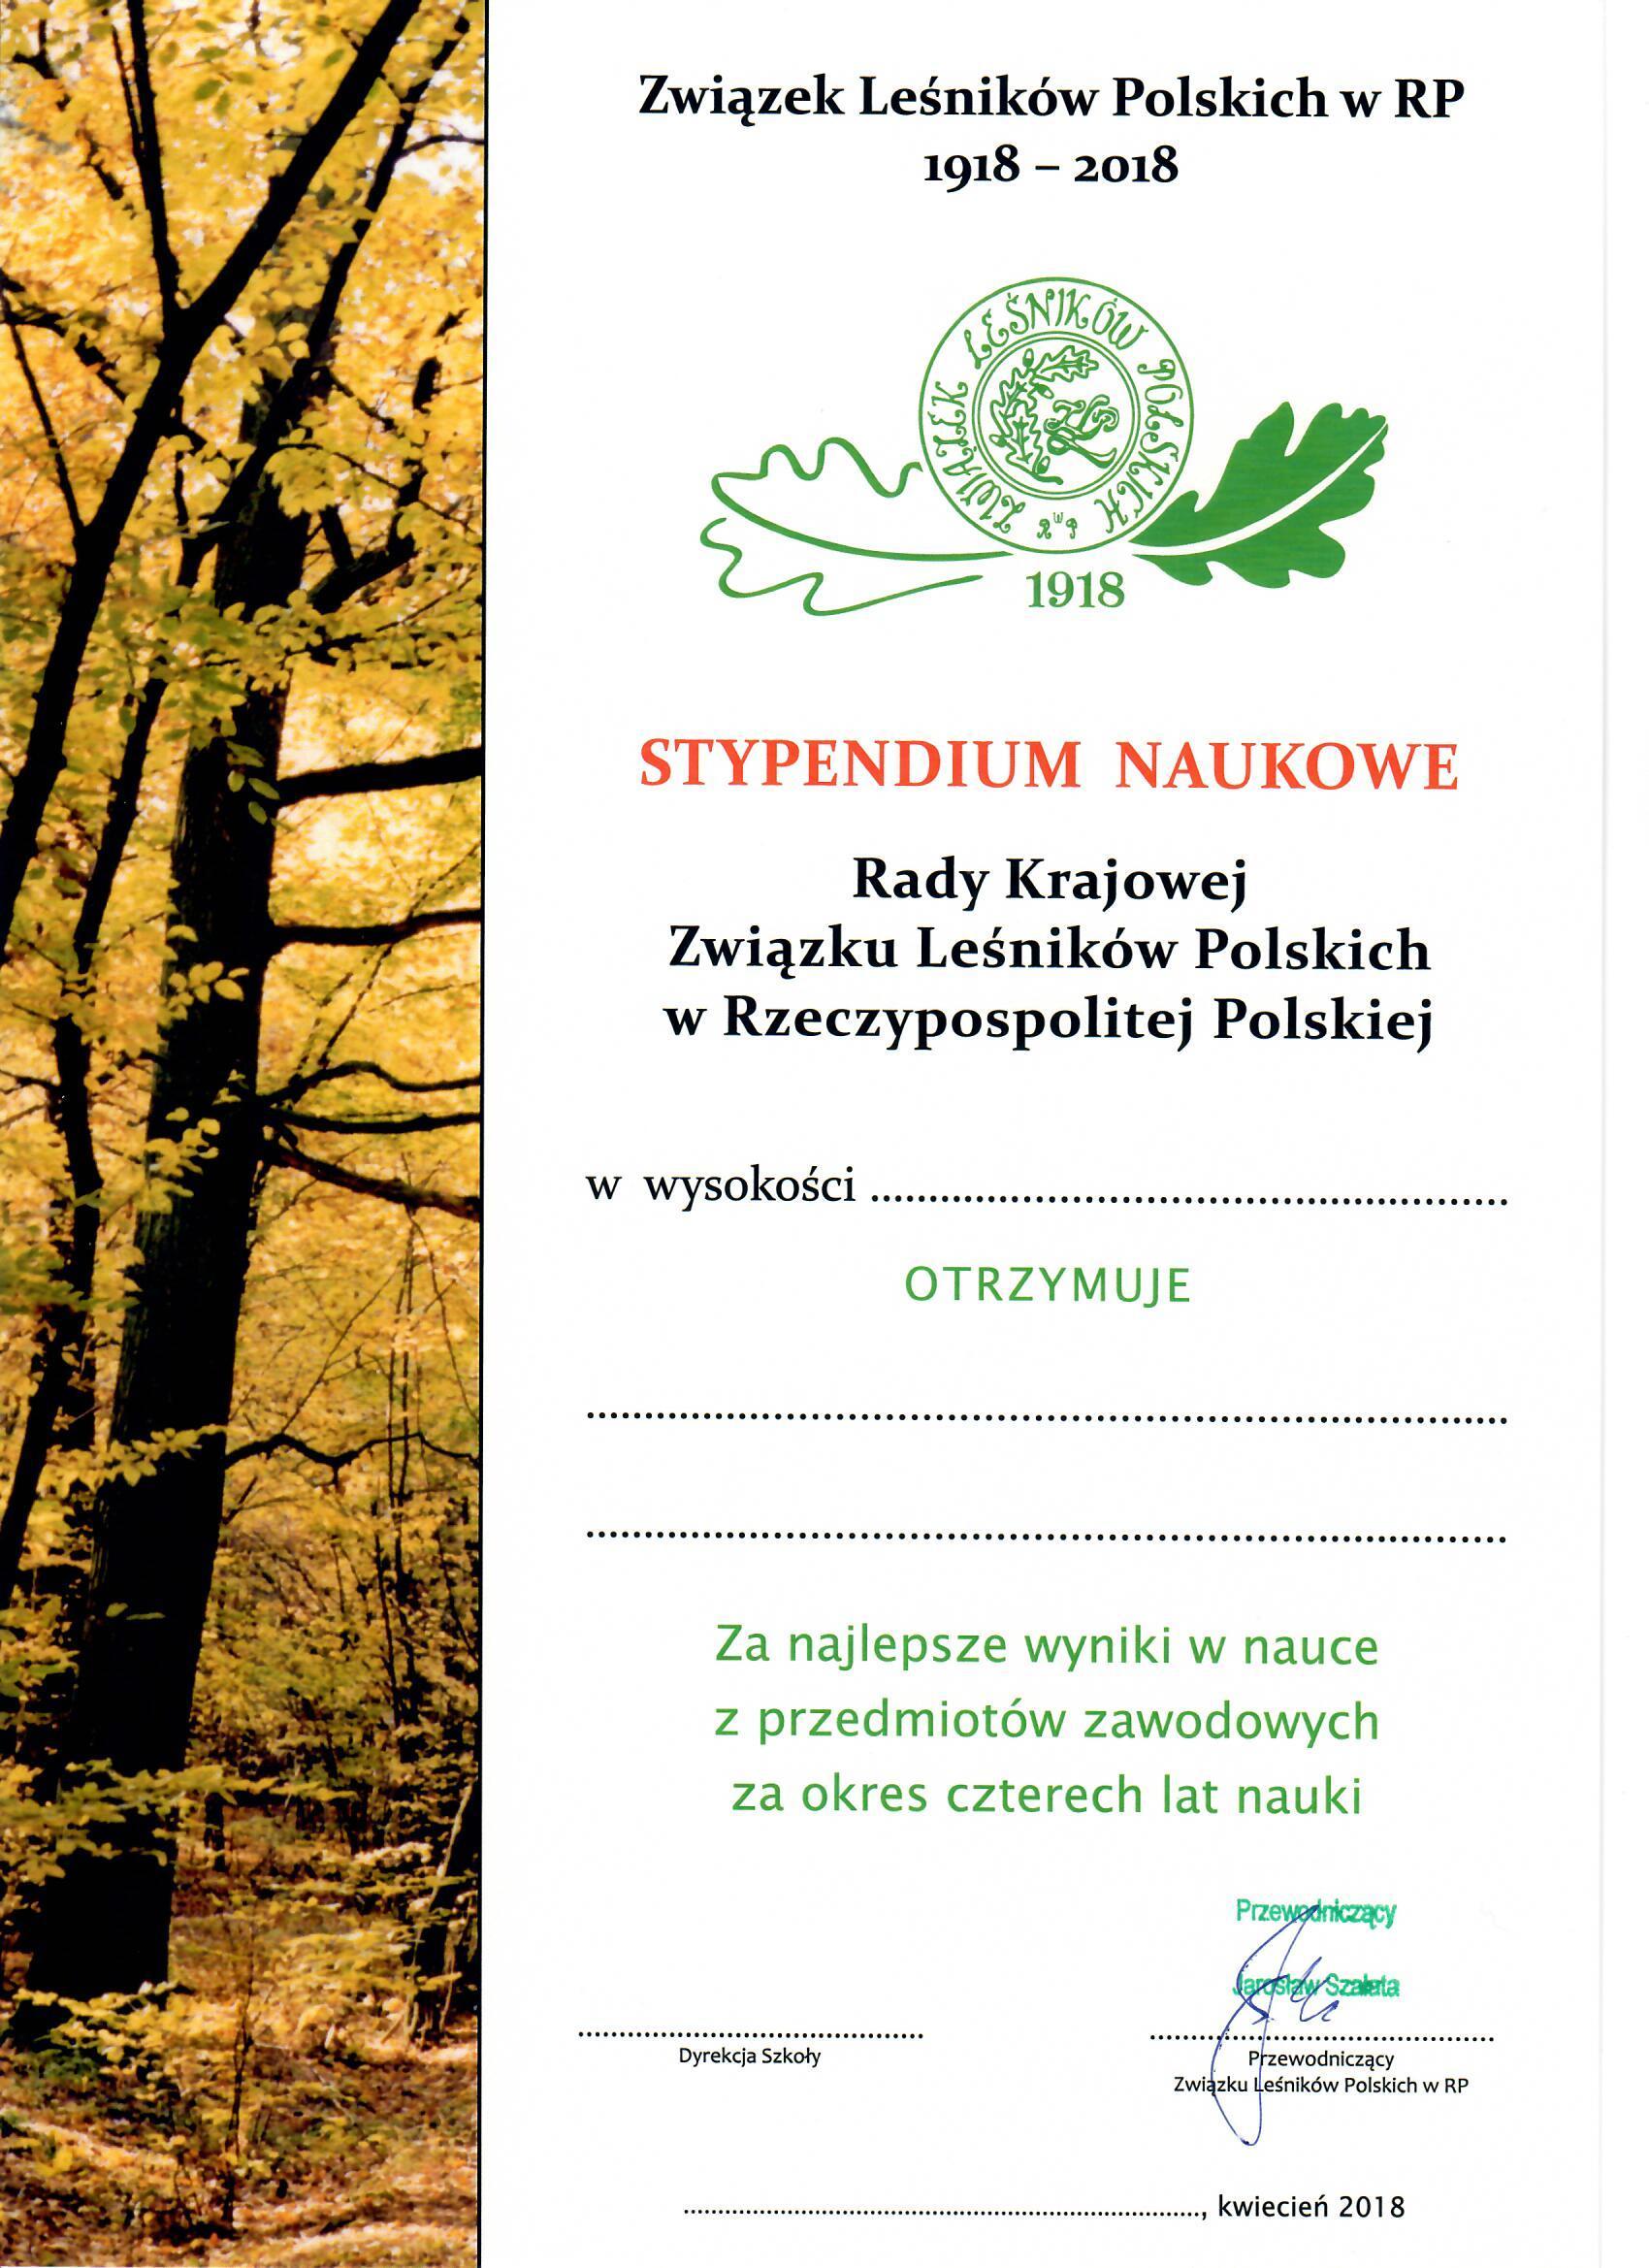 Dyplom - stypendia dla szkół leśnych